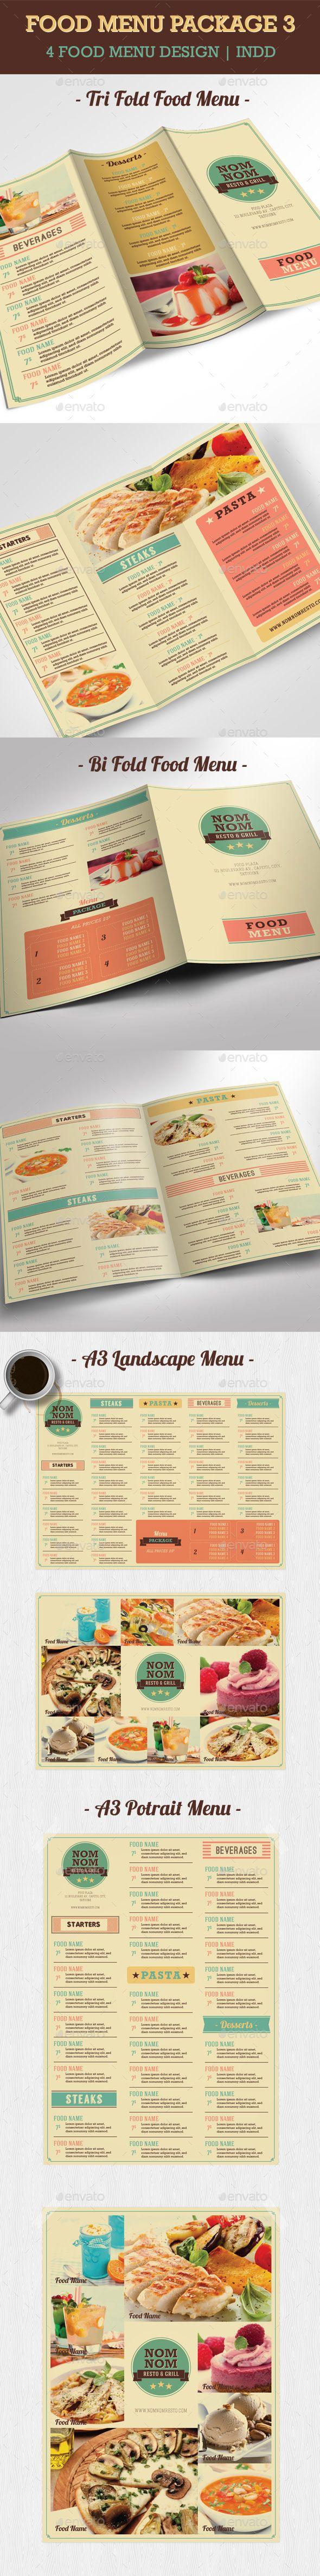 Food Menu Package 3 | Bar y Lugares